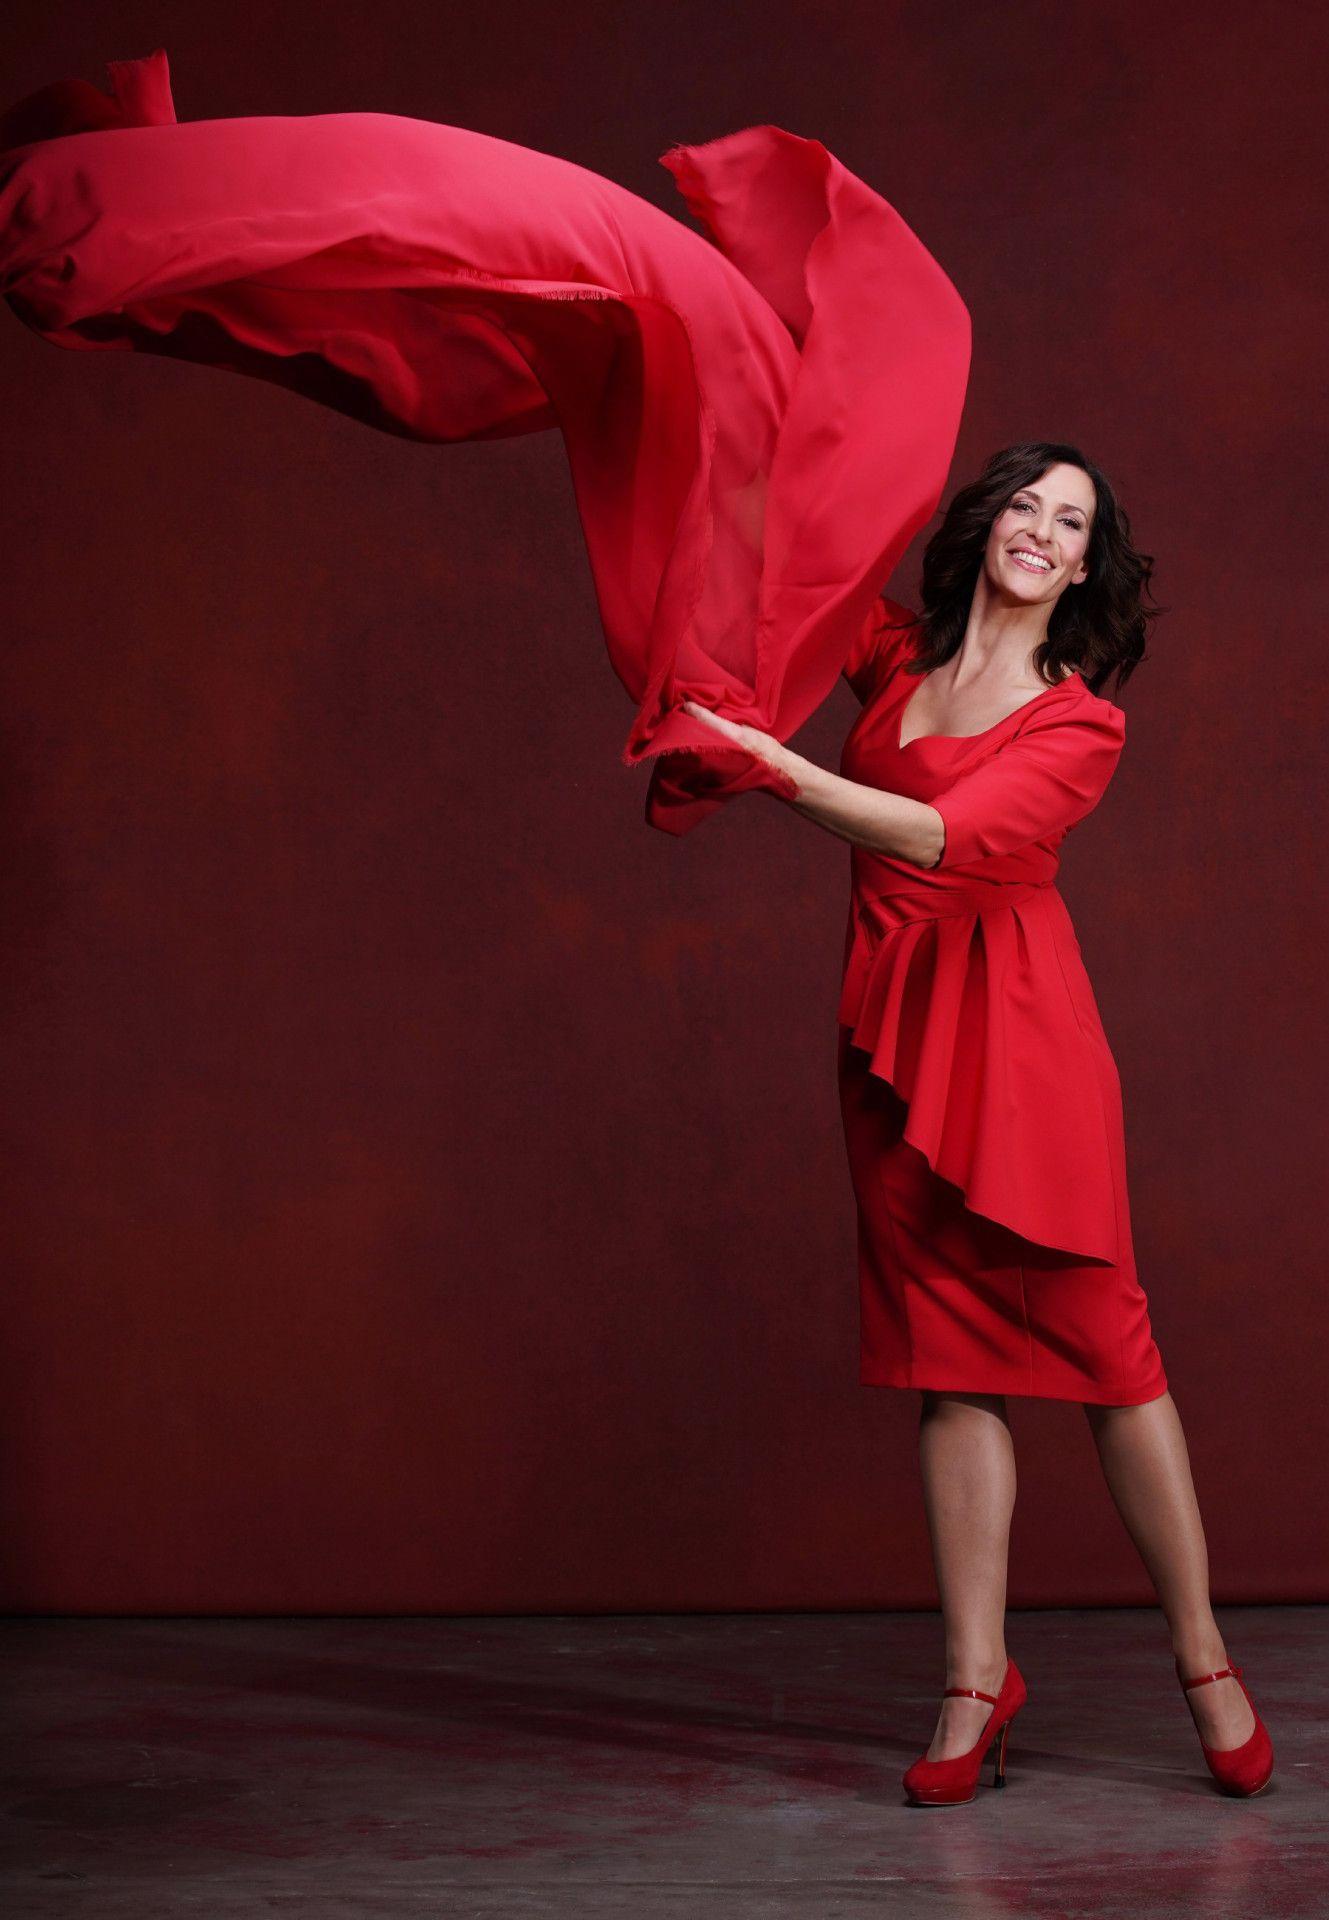 """Fans der Serie """"Gute Zeiten, schlechte Zeiten"""" kennen Ulrike Frank als Katrin Flemming. Die Teilnahme bei """"Let's Dance"""" ist für die 50-Jährige ein Traum, der in Erfüllung geht."""